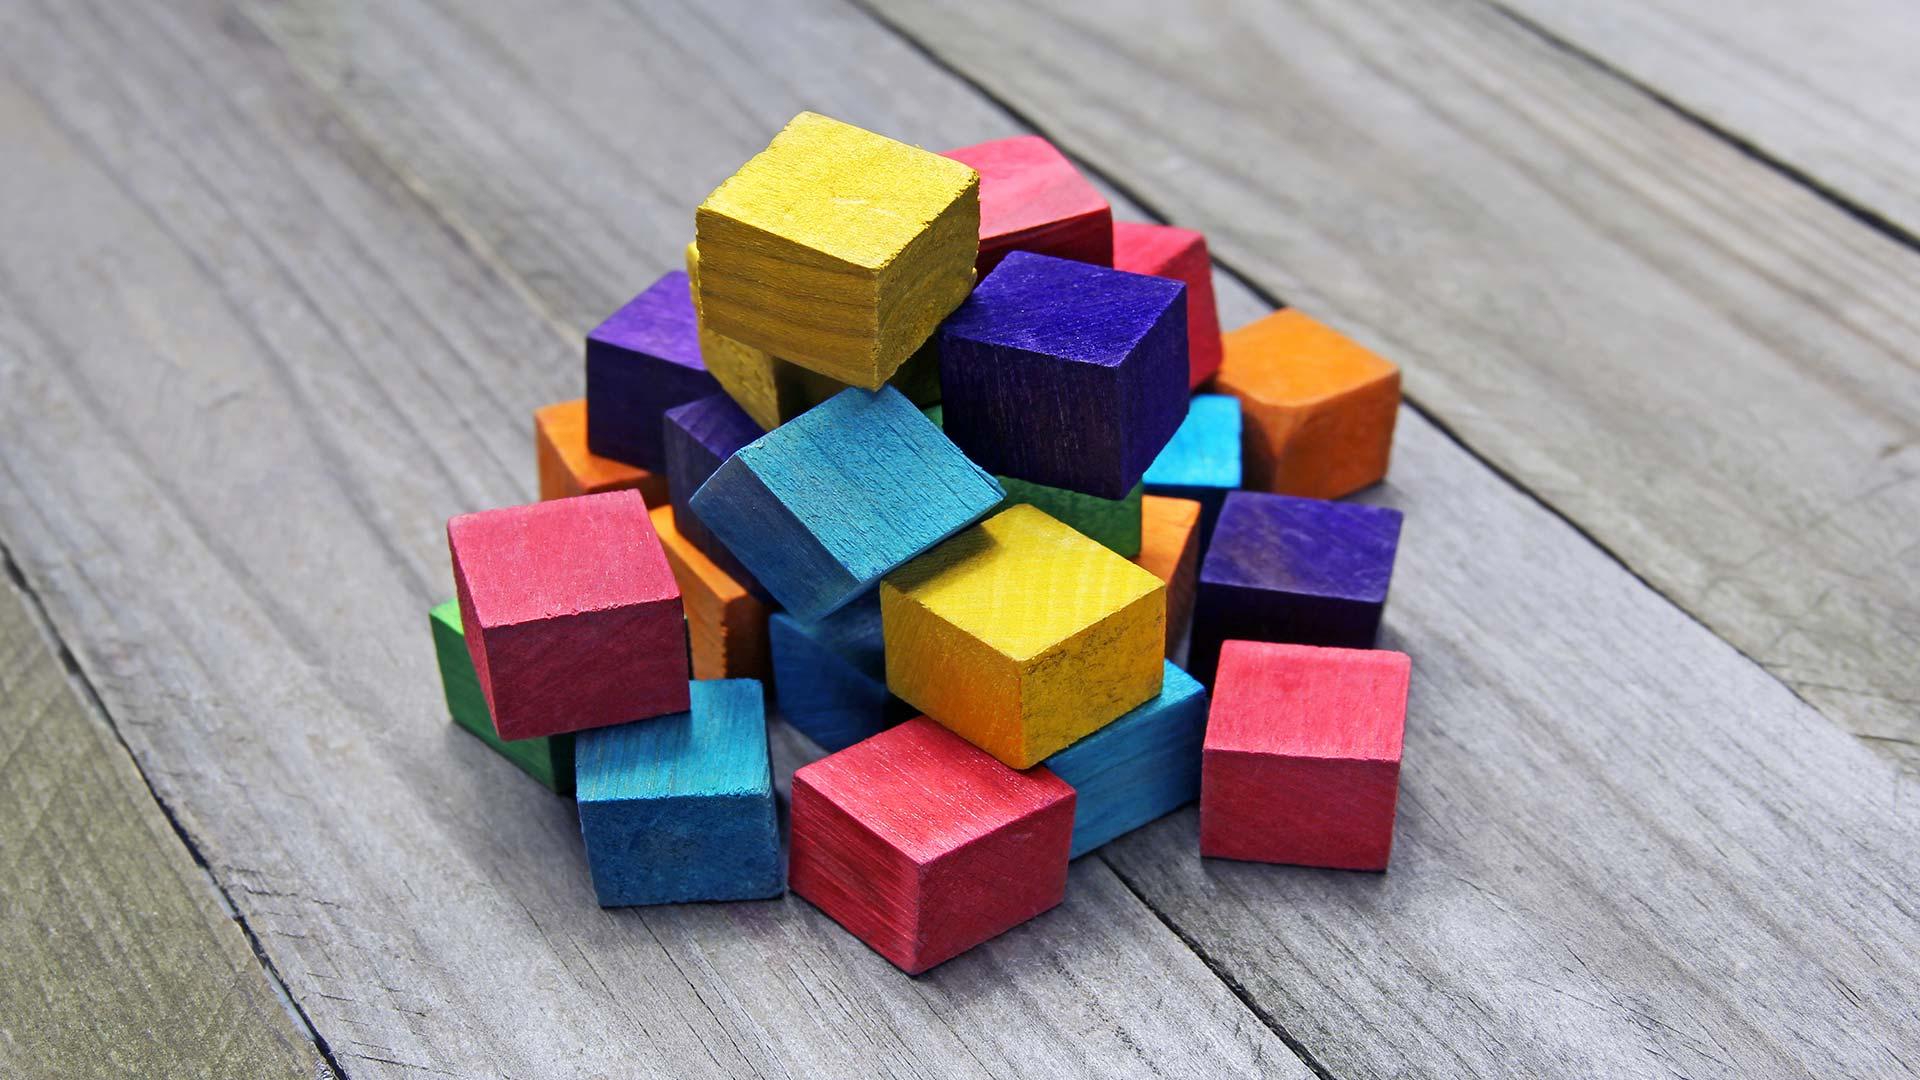 דימוי בקוביות איך נכון לבנות מודל עסקי